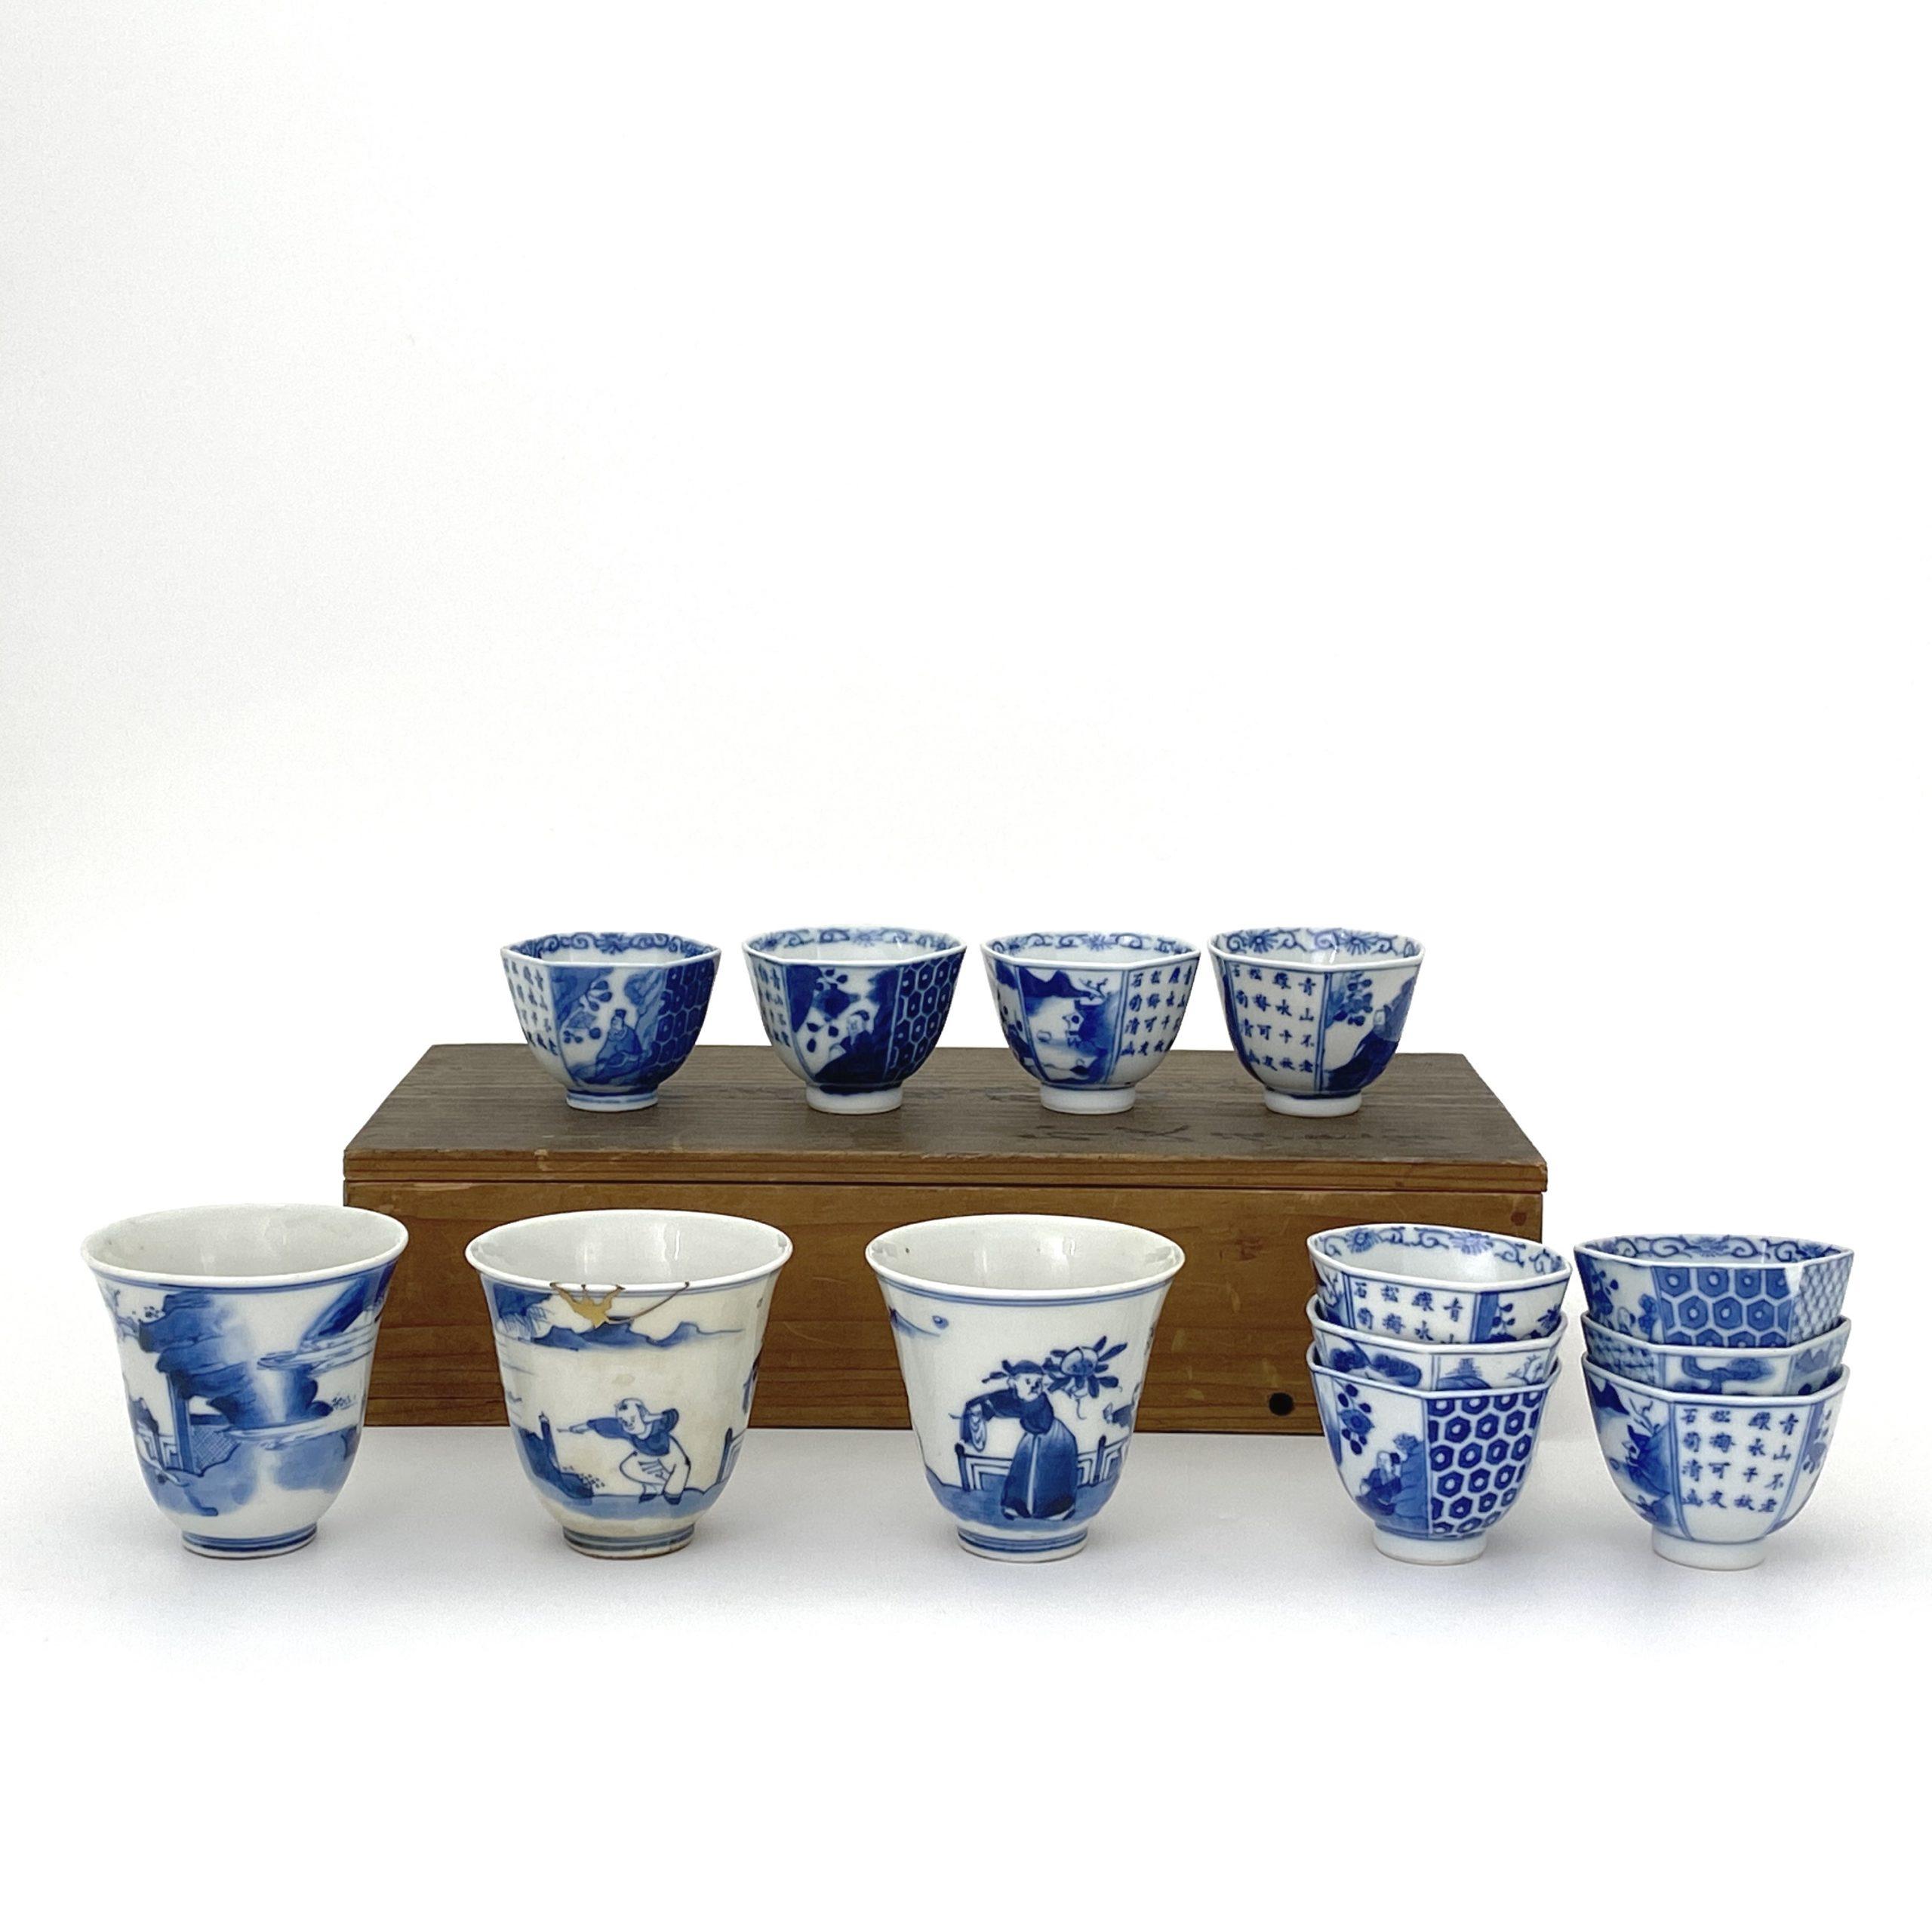 21053清 青花 山水人物図 碗等 計2種